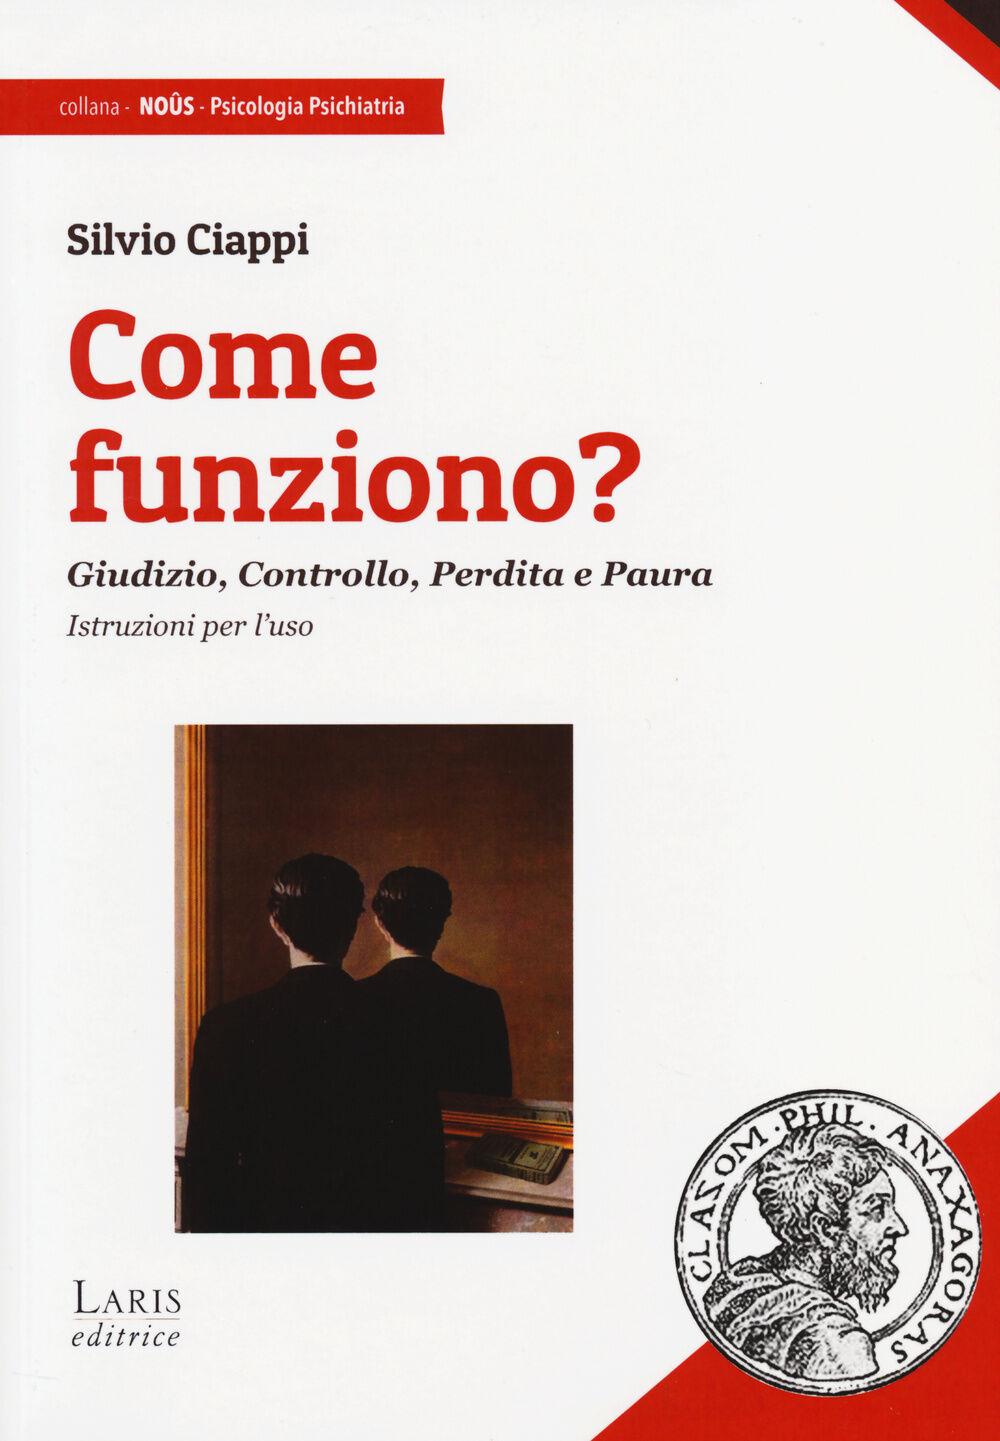 Silvio Ciappi, Come funziono? Giudizio, Controllo, Perdita e Paura, Laris editrice, 2014